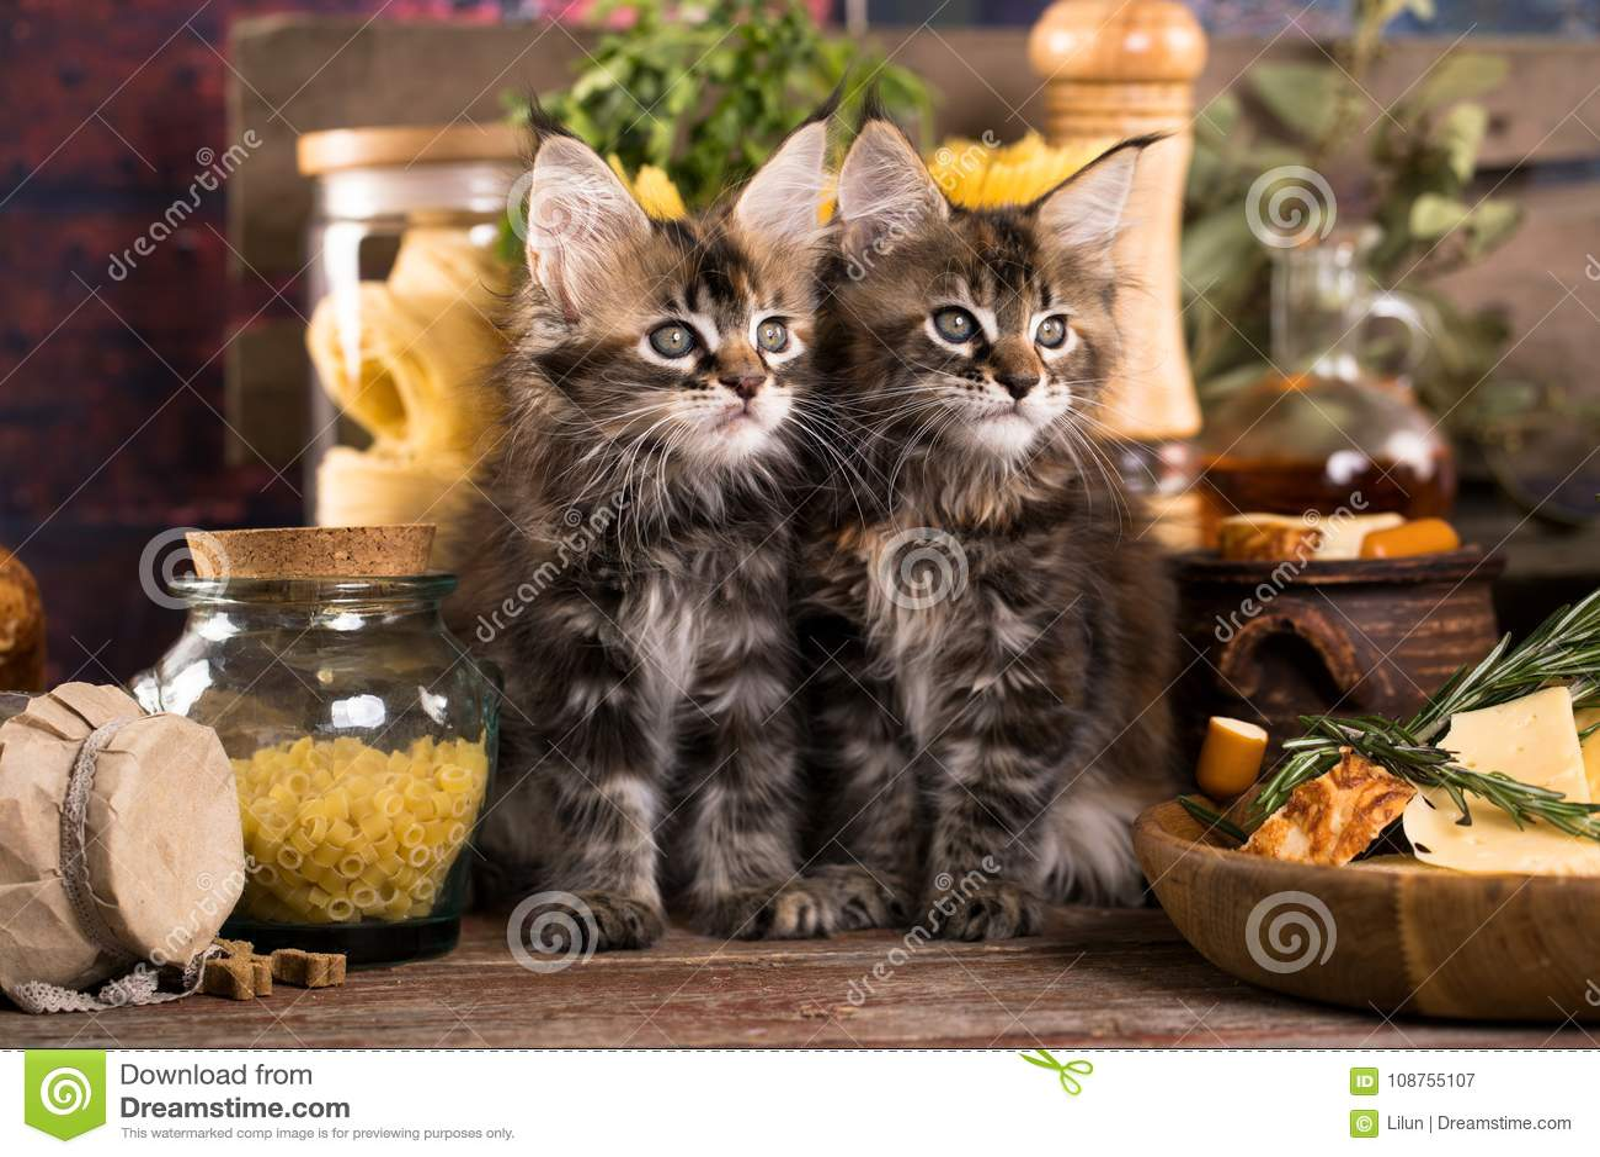 cats in the kitchen roller island 小猫和鱼新鲜在厨房里库存图片 图片包括有缅因 小猫 毛皮 小猫和鱼新鲜在厨房里